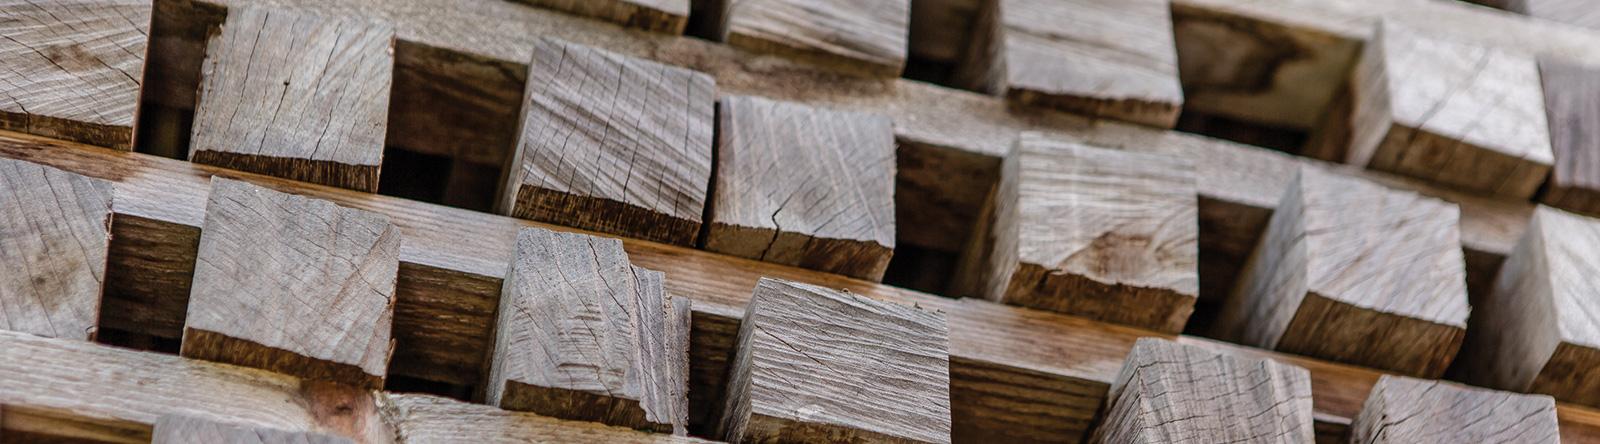 Holzhandel1